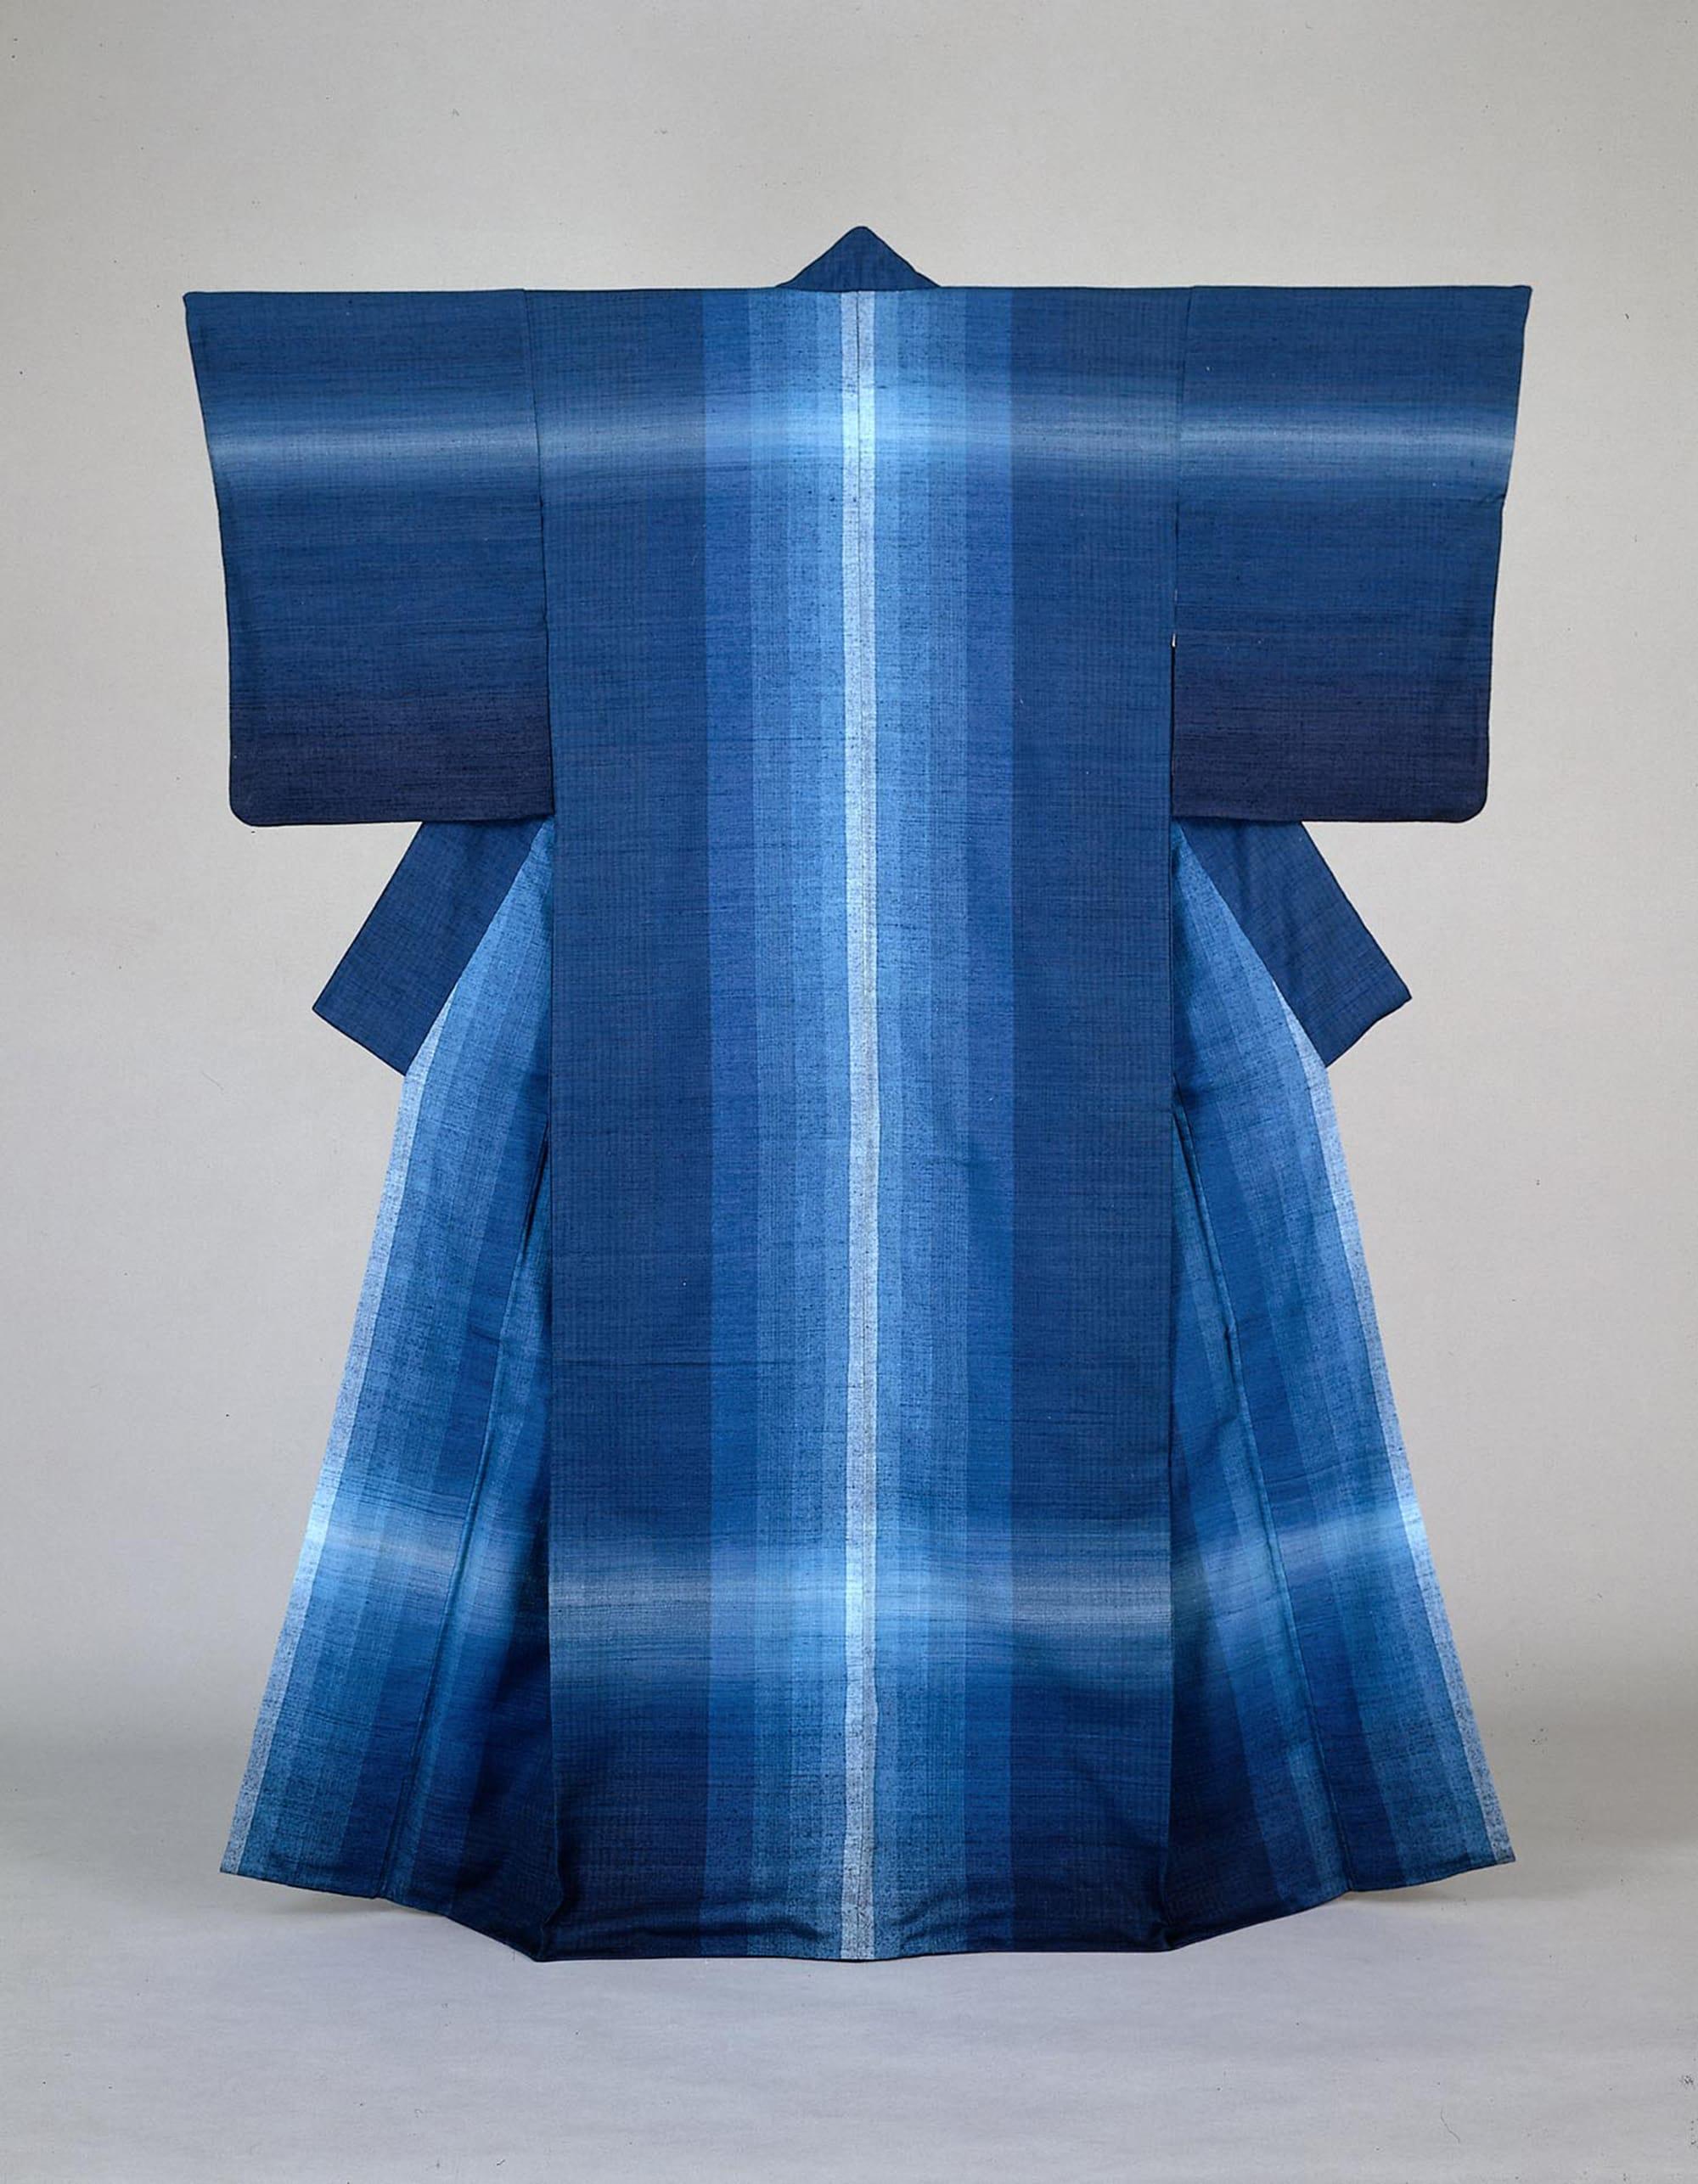 志村ふくみ《紬織着物 水瑠璃》1976年 自然が織りなす藍の青の深さと広がりにはどこか懐かしさを覚える。